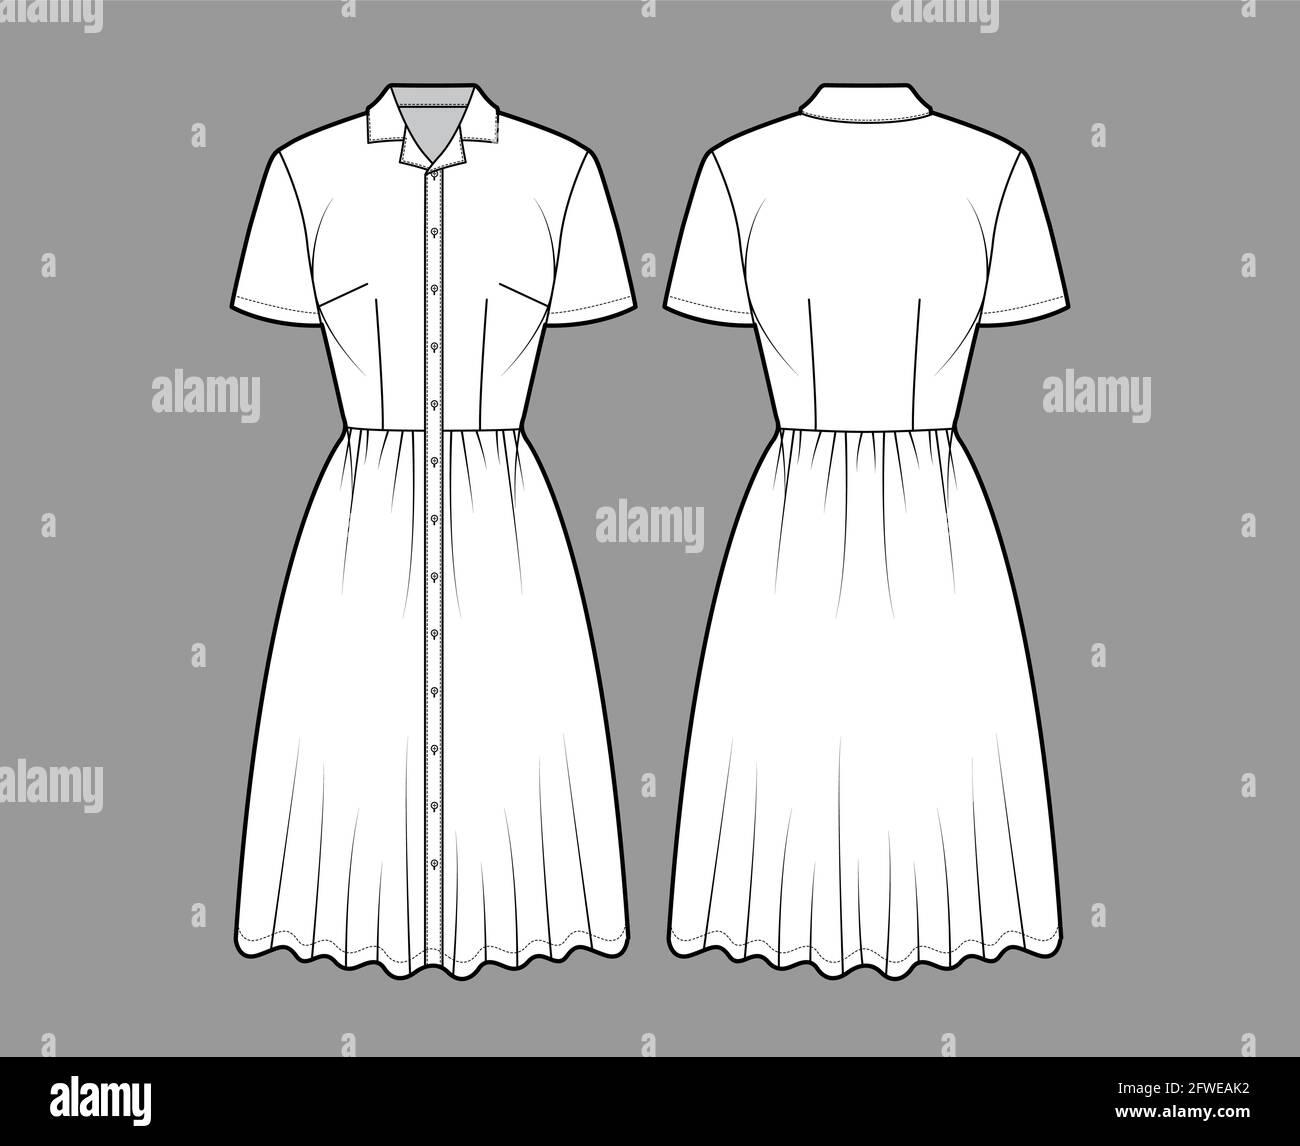 Kleid Hemd technische Mode Illustration mit kurzen Ärmeln, Camp ...